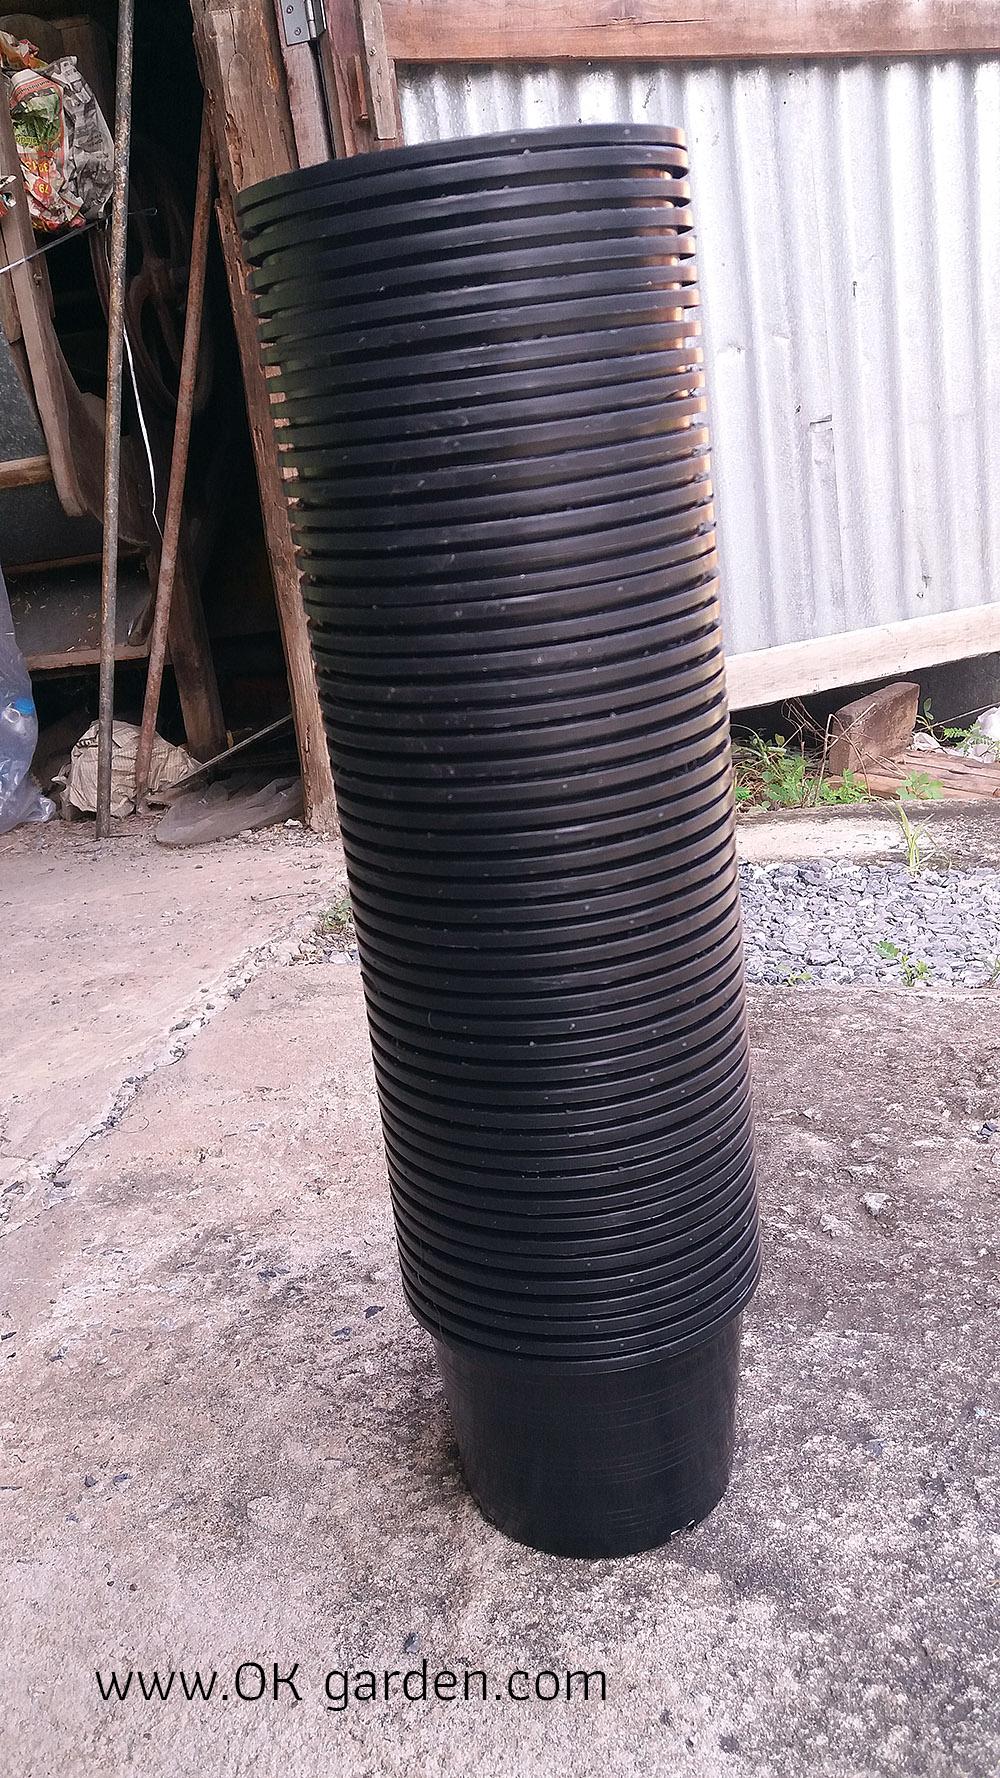 กระถางพลาสติกดำ ขนาด 6 นิ้ว จำนวน 50ใบ